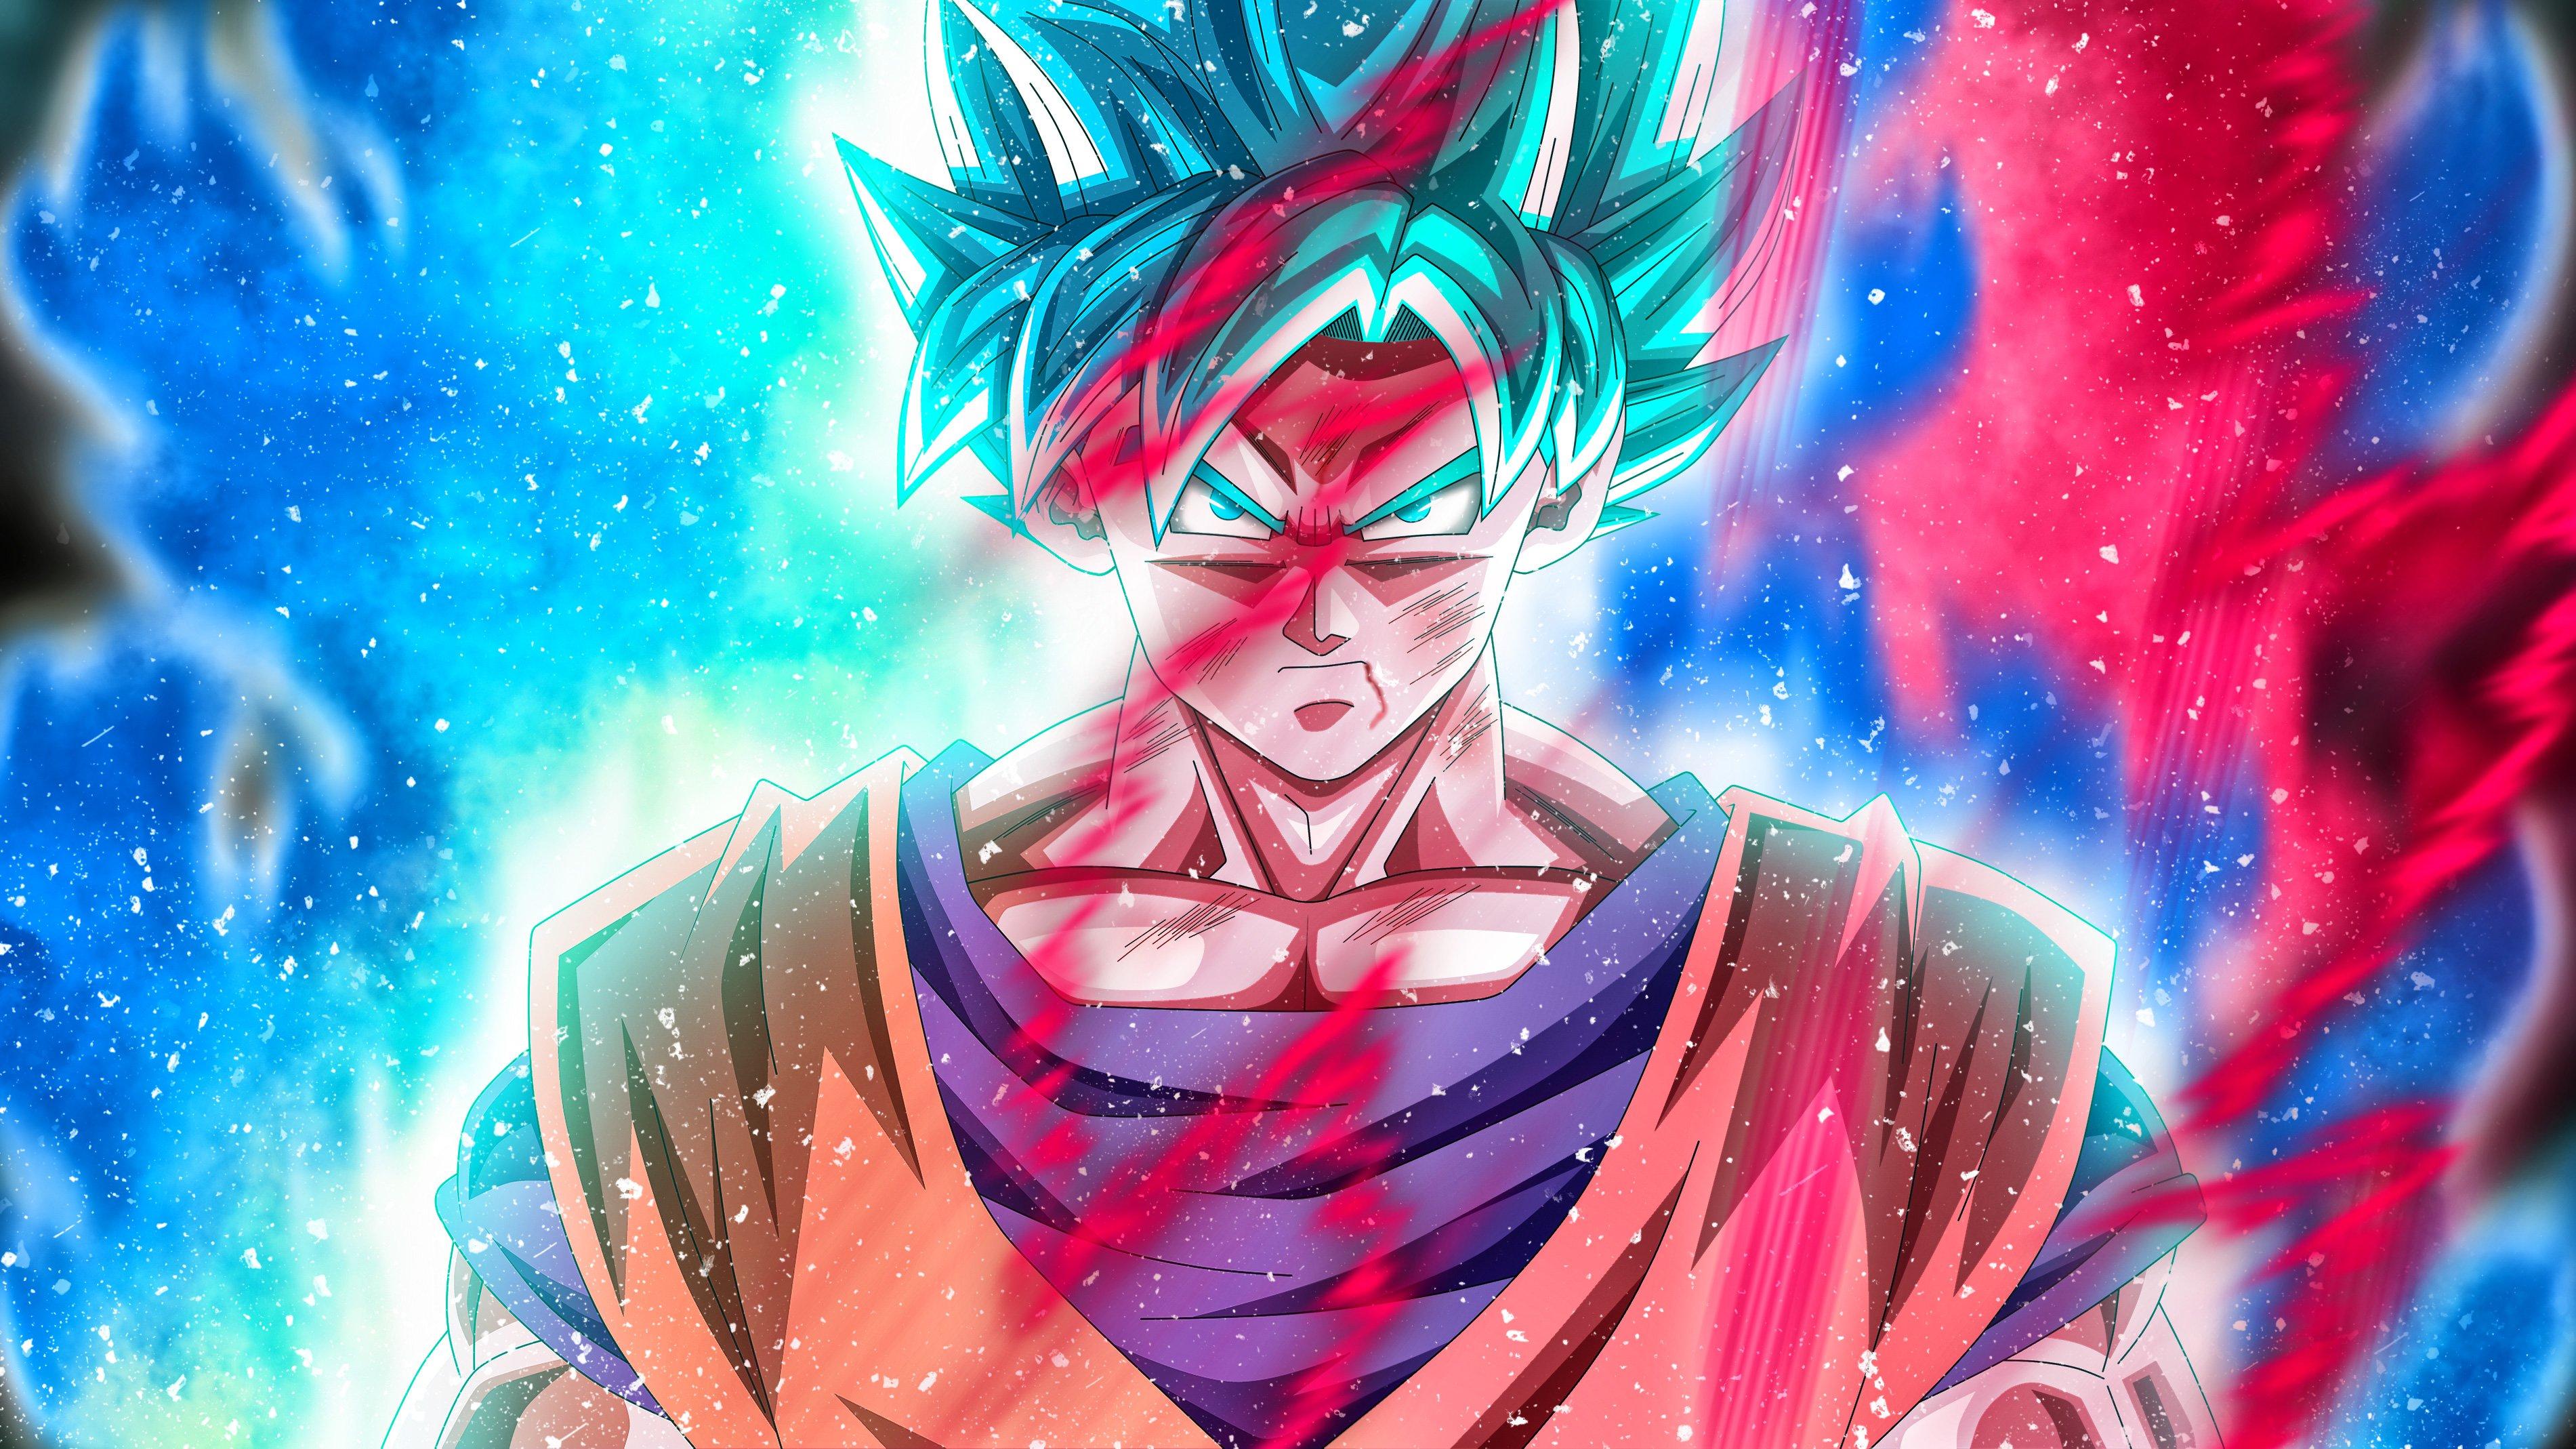 Fondos de pantalla Anime Goku Super Saiyan Blue de Dragon Ball Super